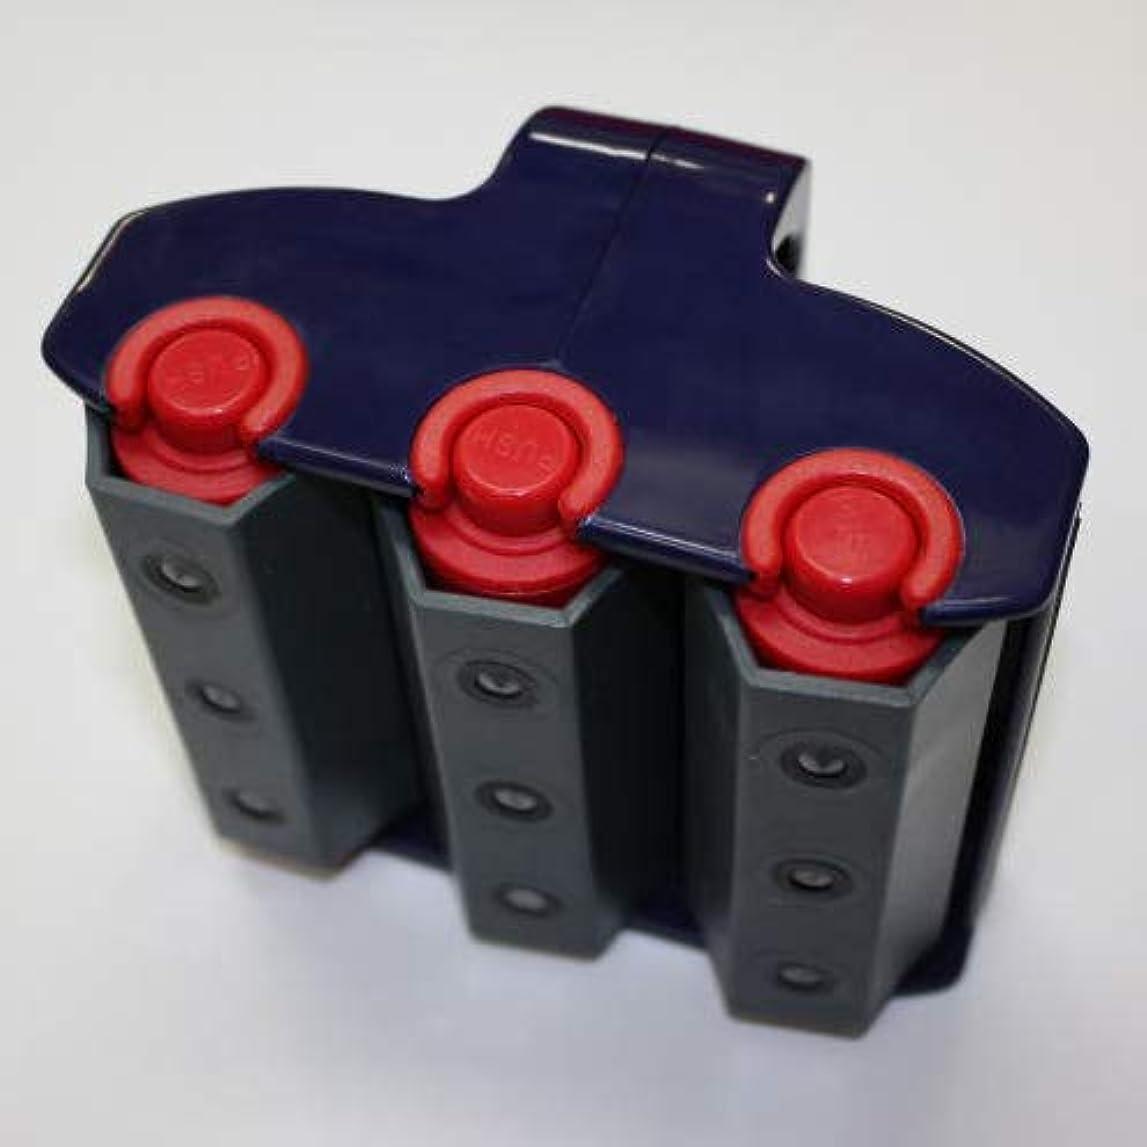 ゲームアトラス関係半導体ビューティーローラーシリーズ トリプルバーン NEW